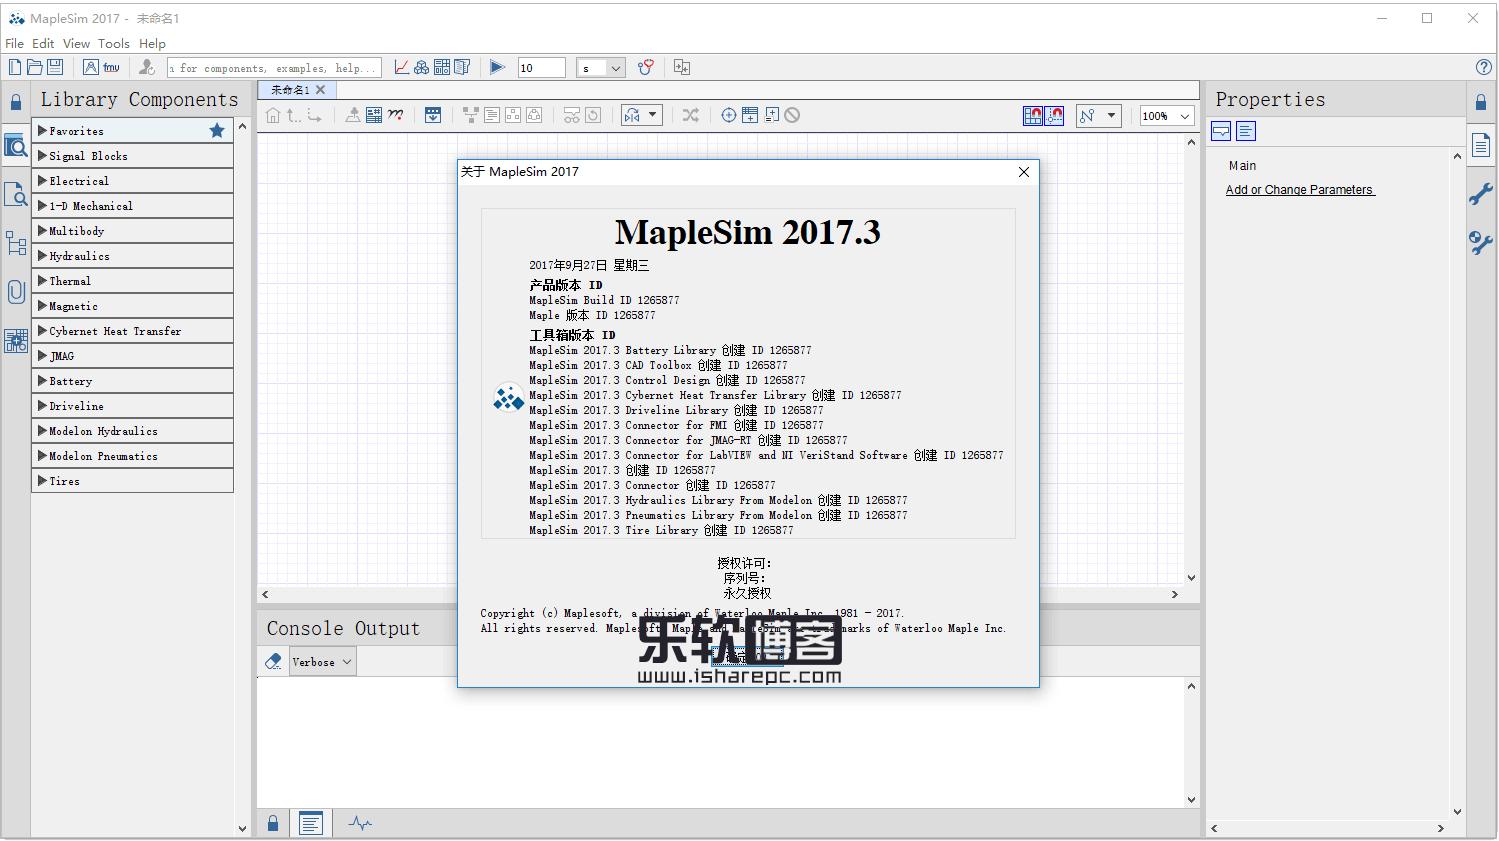 MapleSim 2017.3破解版